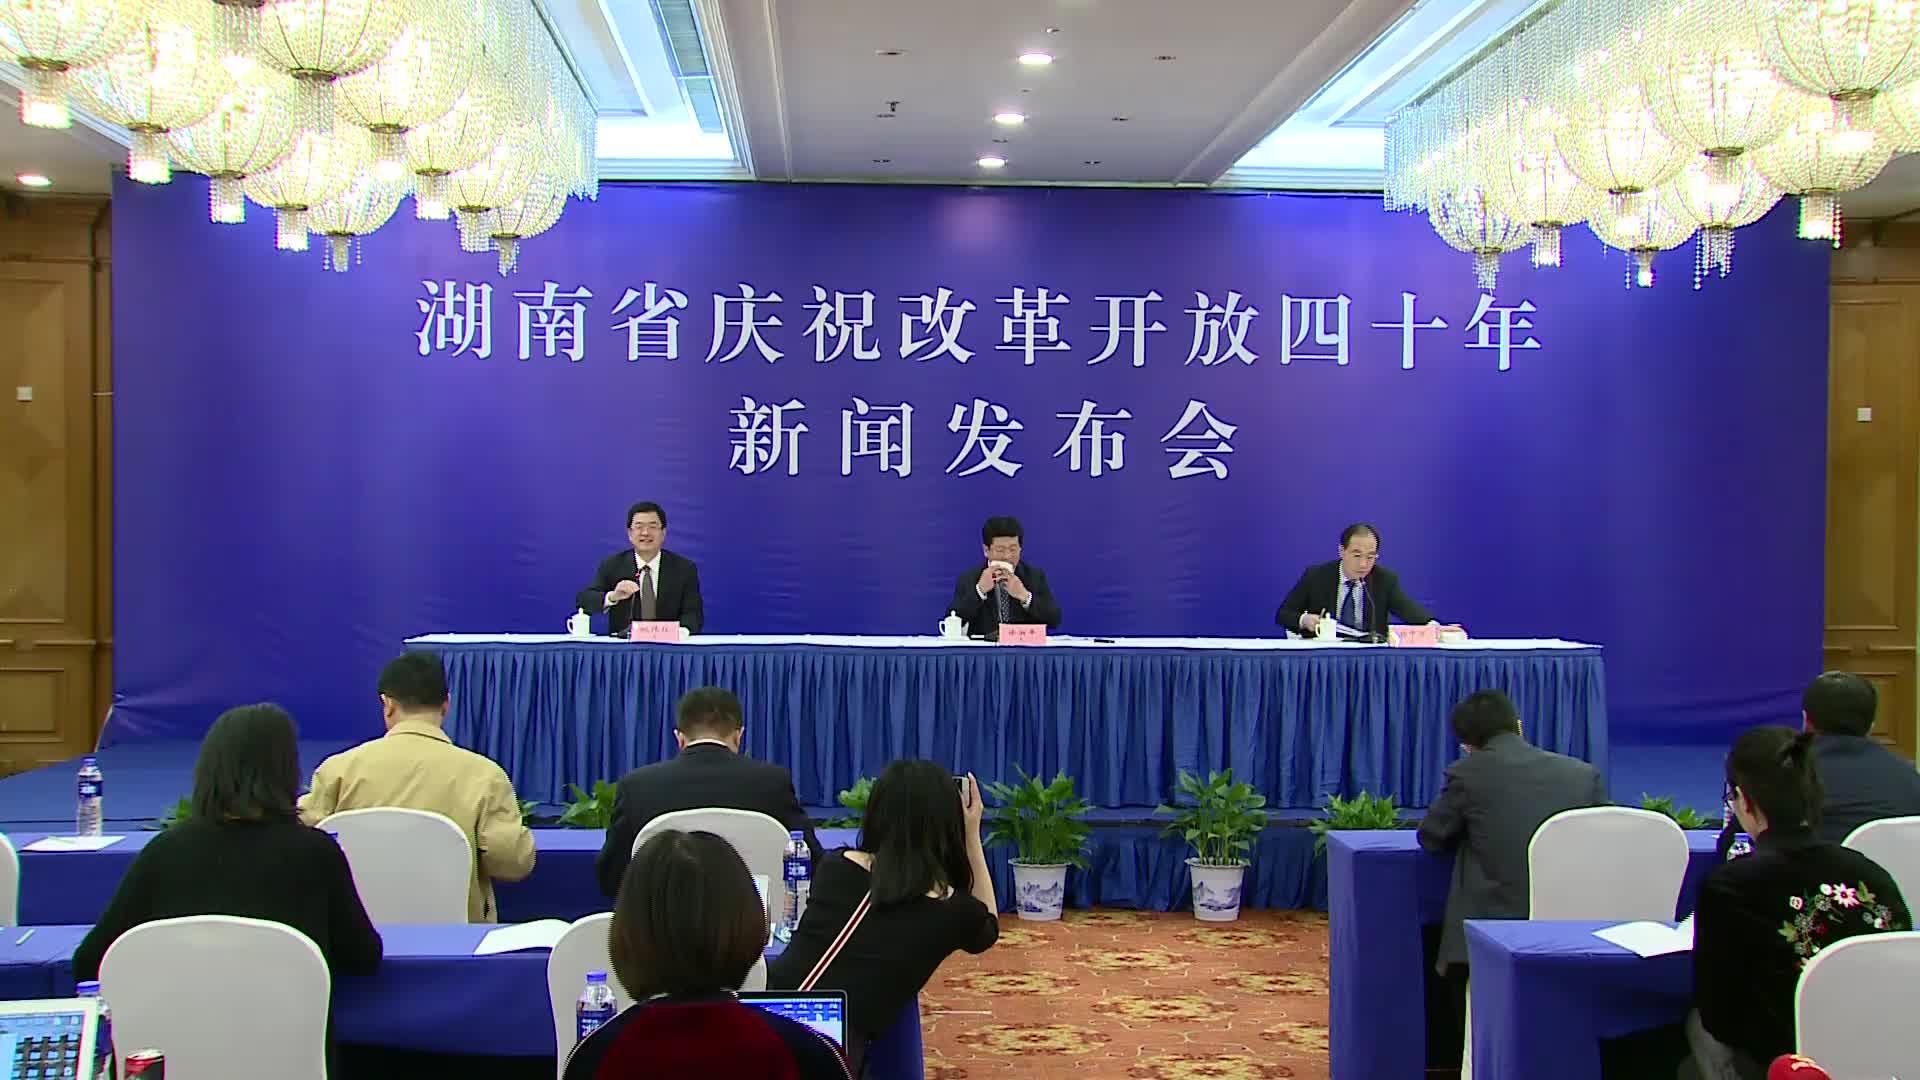 【全程回放】湖南省庆祝改革开放四十年系列新闻发布会:全省商务和开放型经济改革发展成就